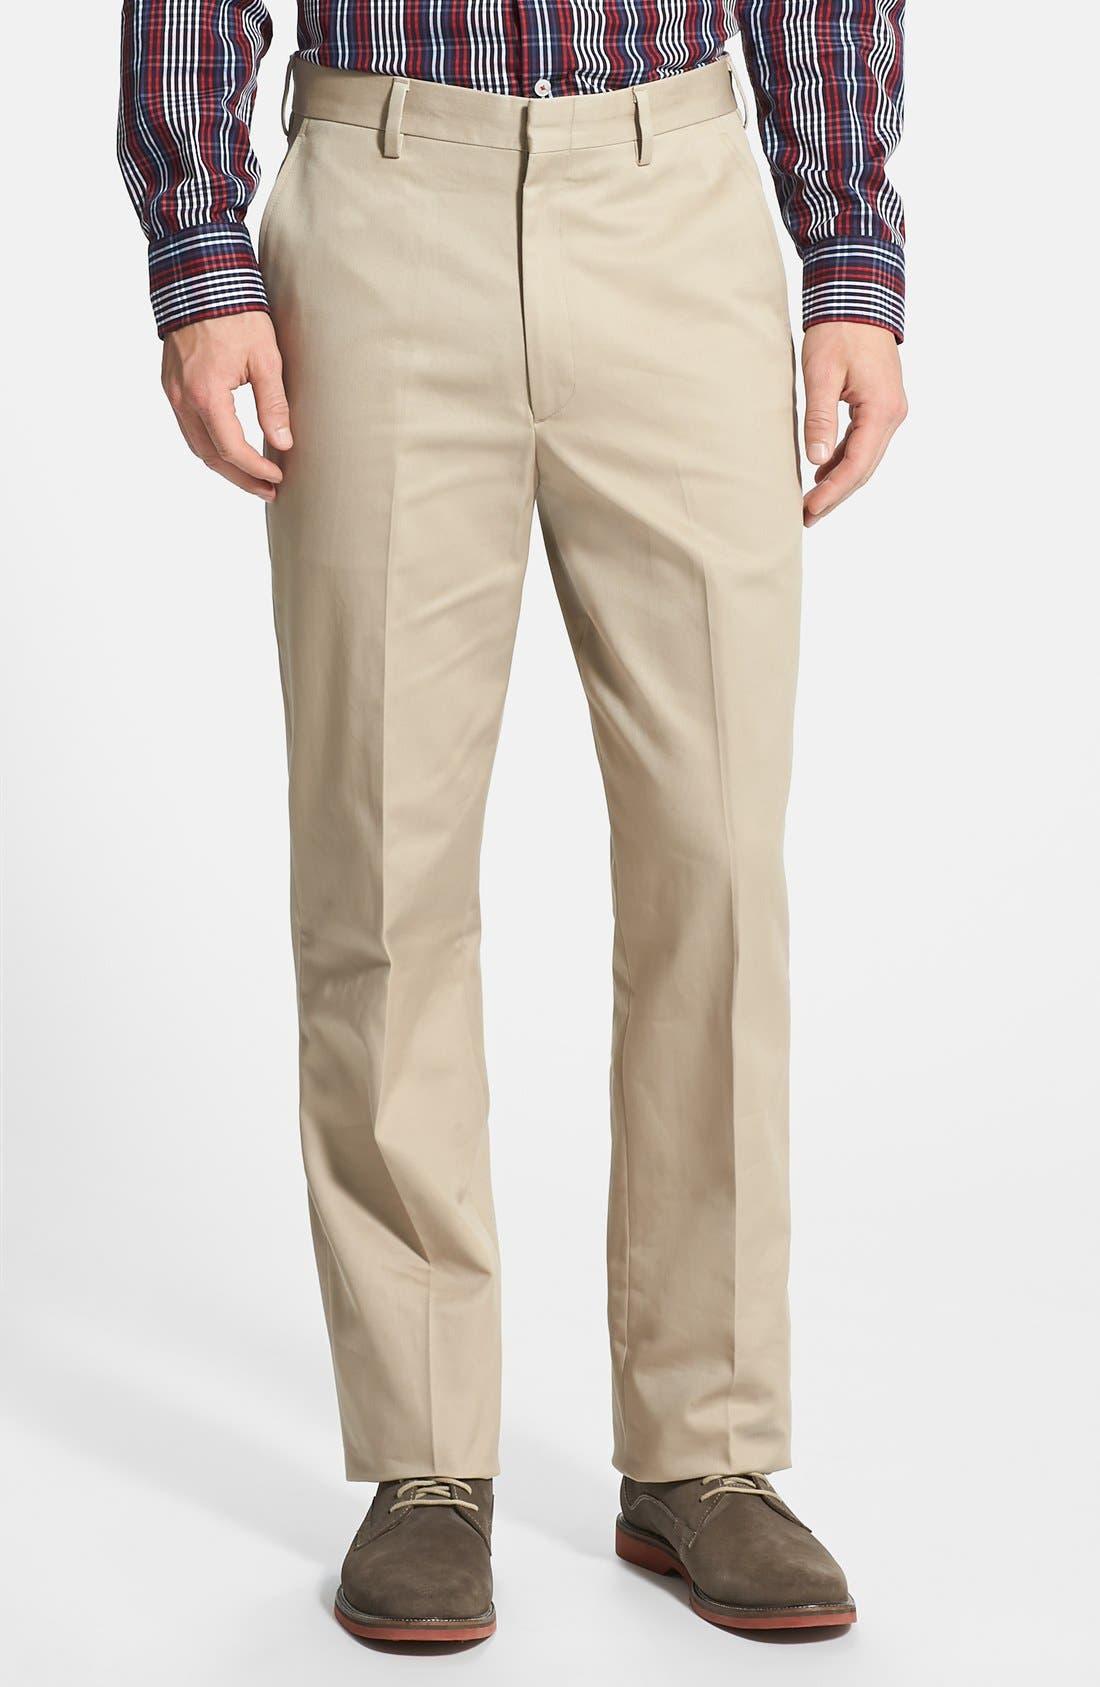 Flat Front Wrinkle Resistant Cotton Trousers,                         Main,                         color, Khaki